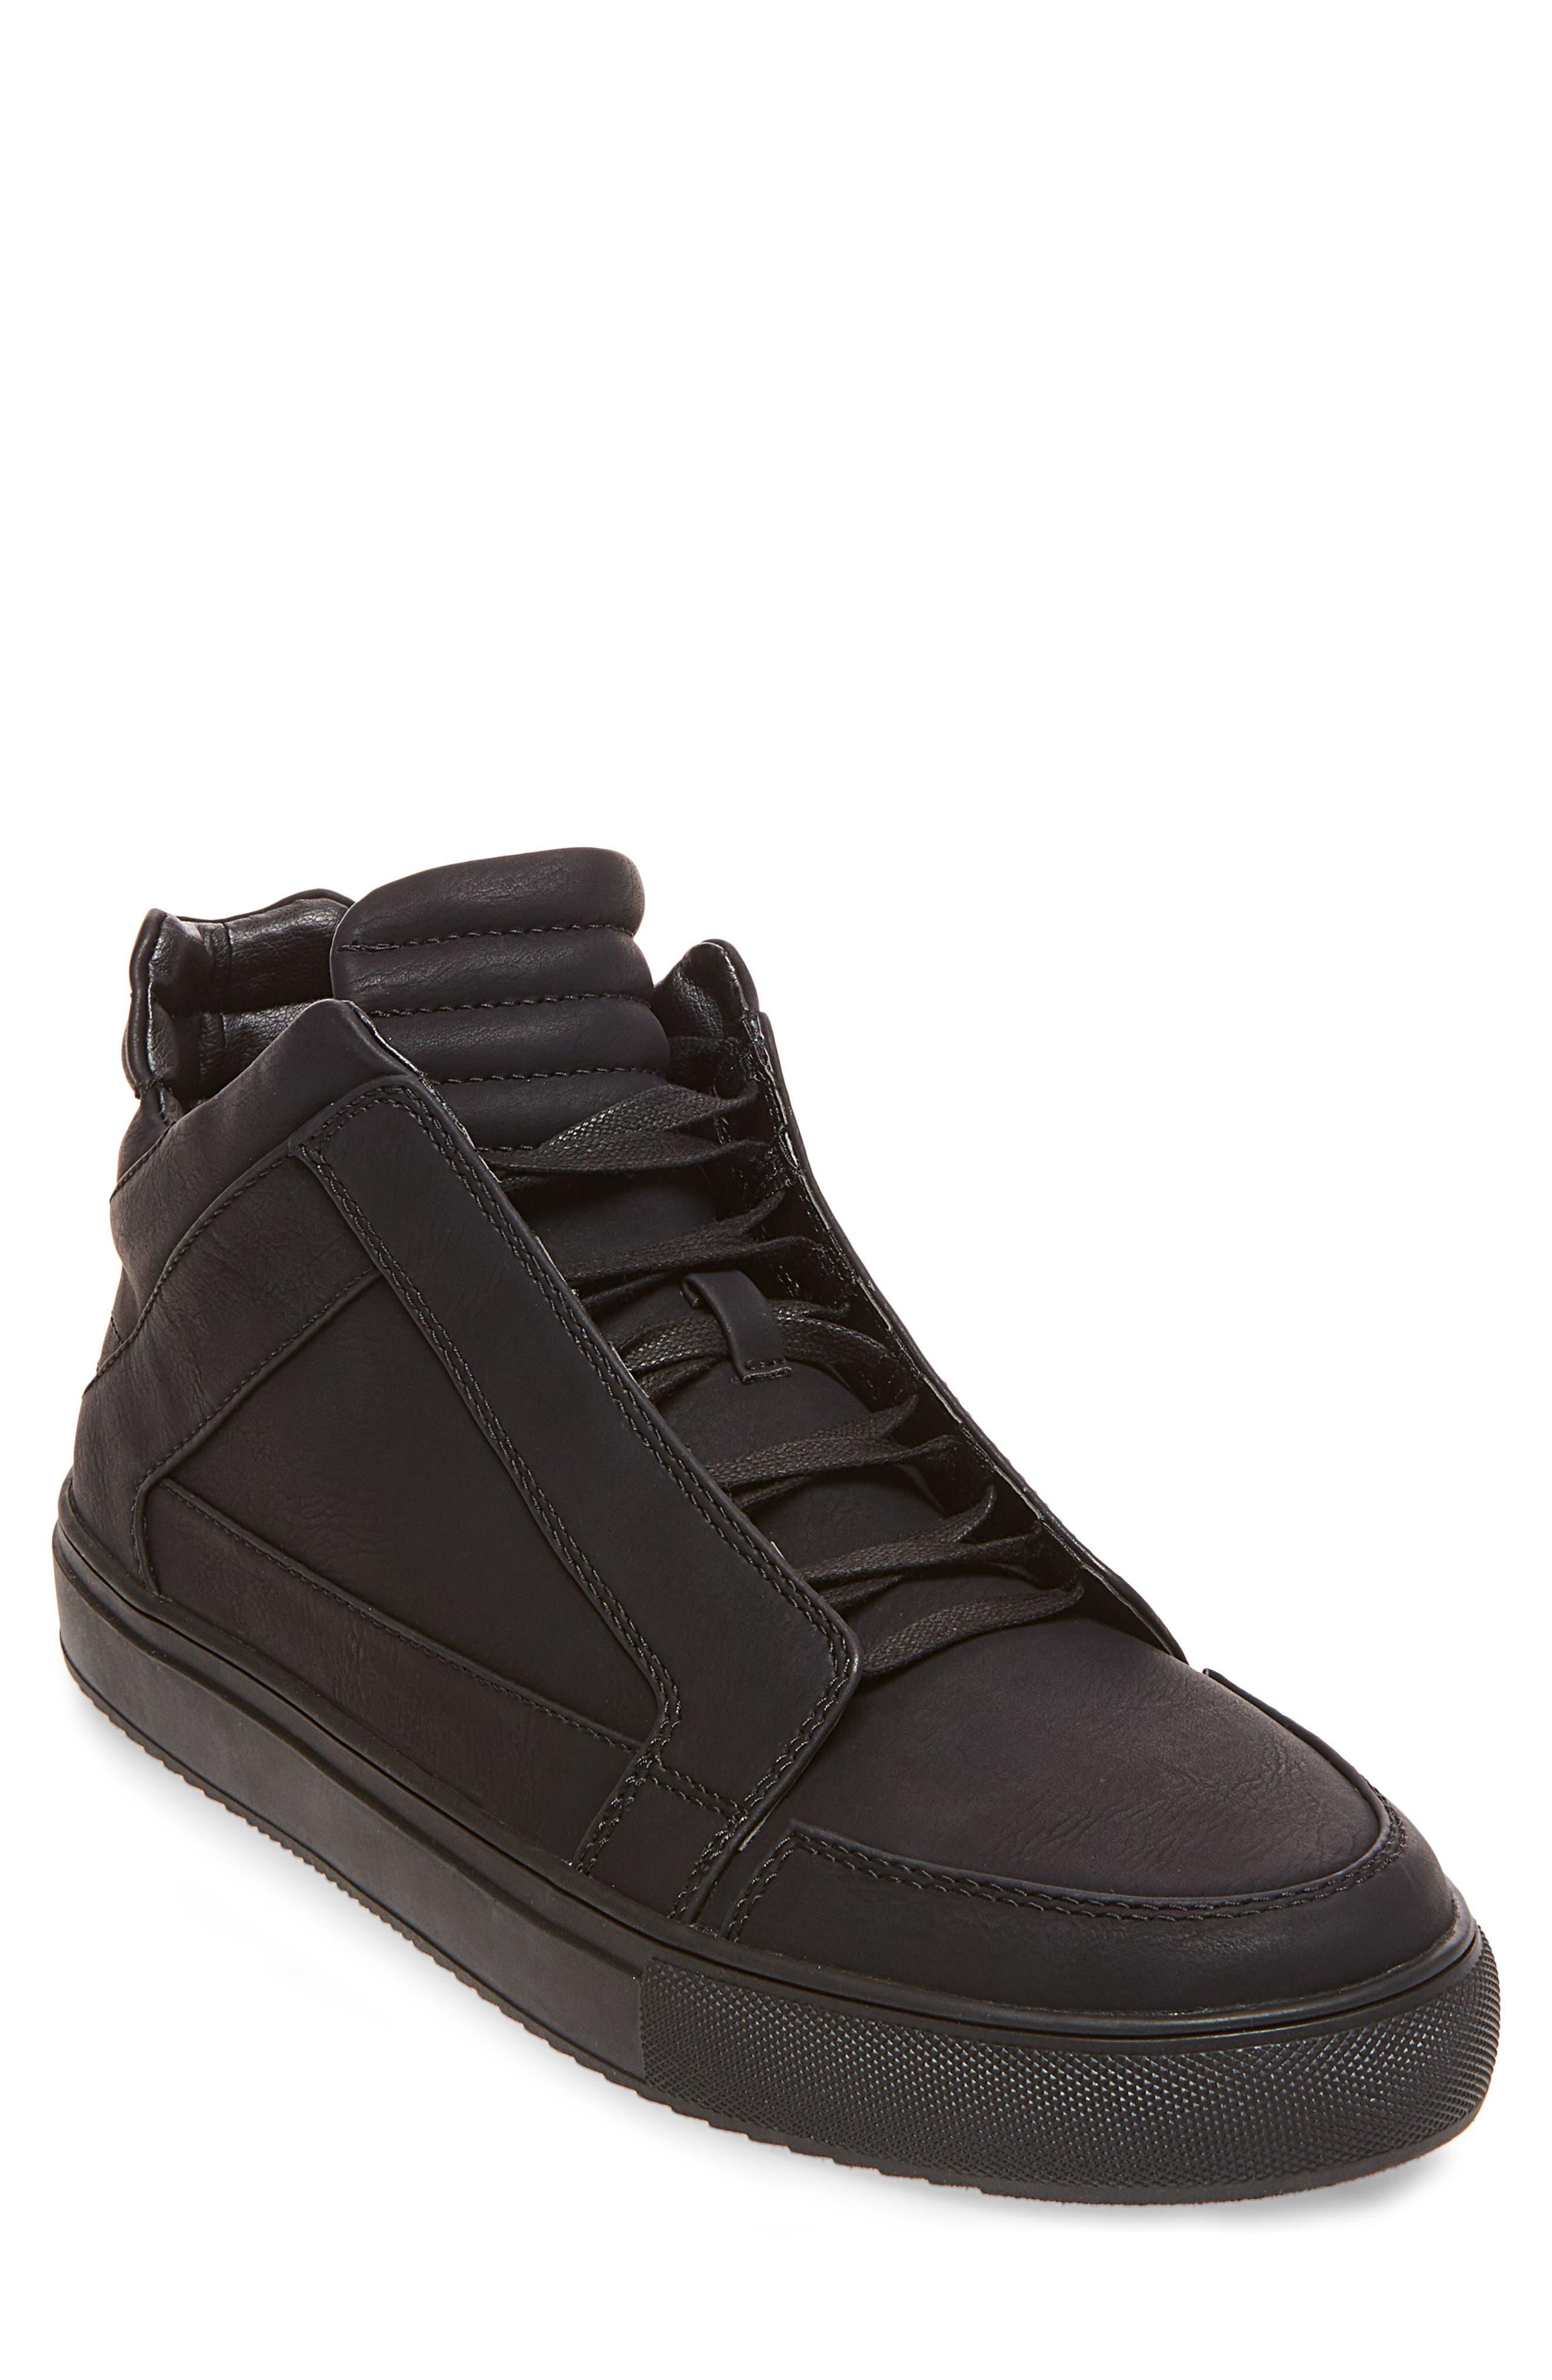 Defstar Sneaker,                             Main thumbnail 1, color,                             001